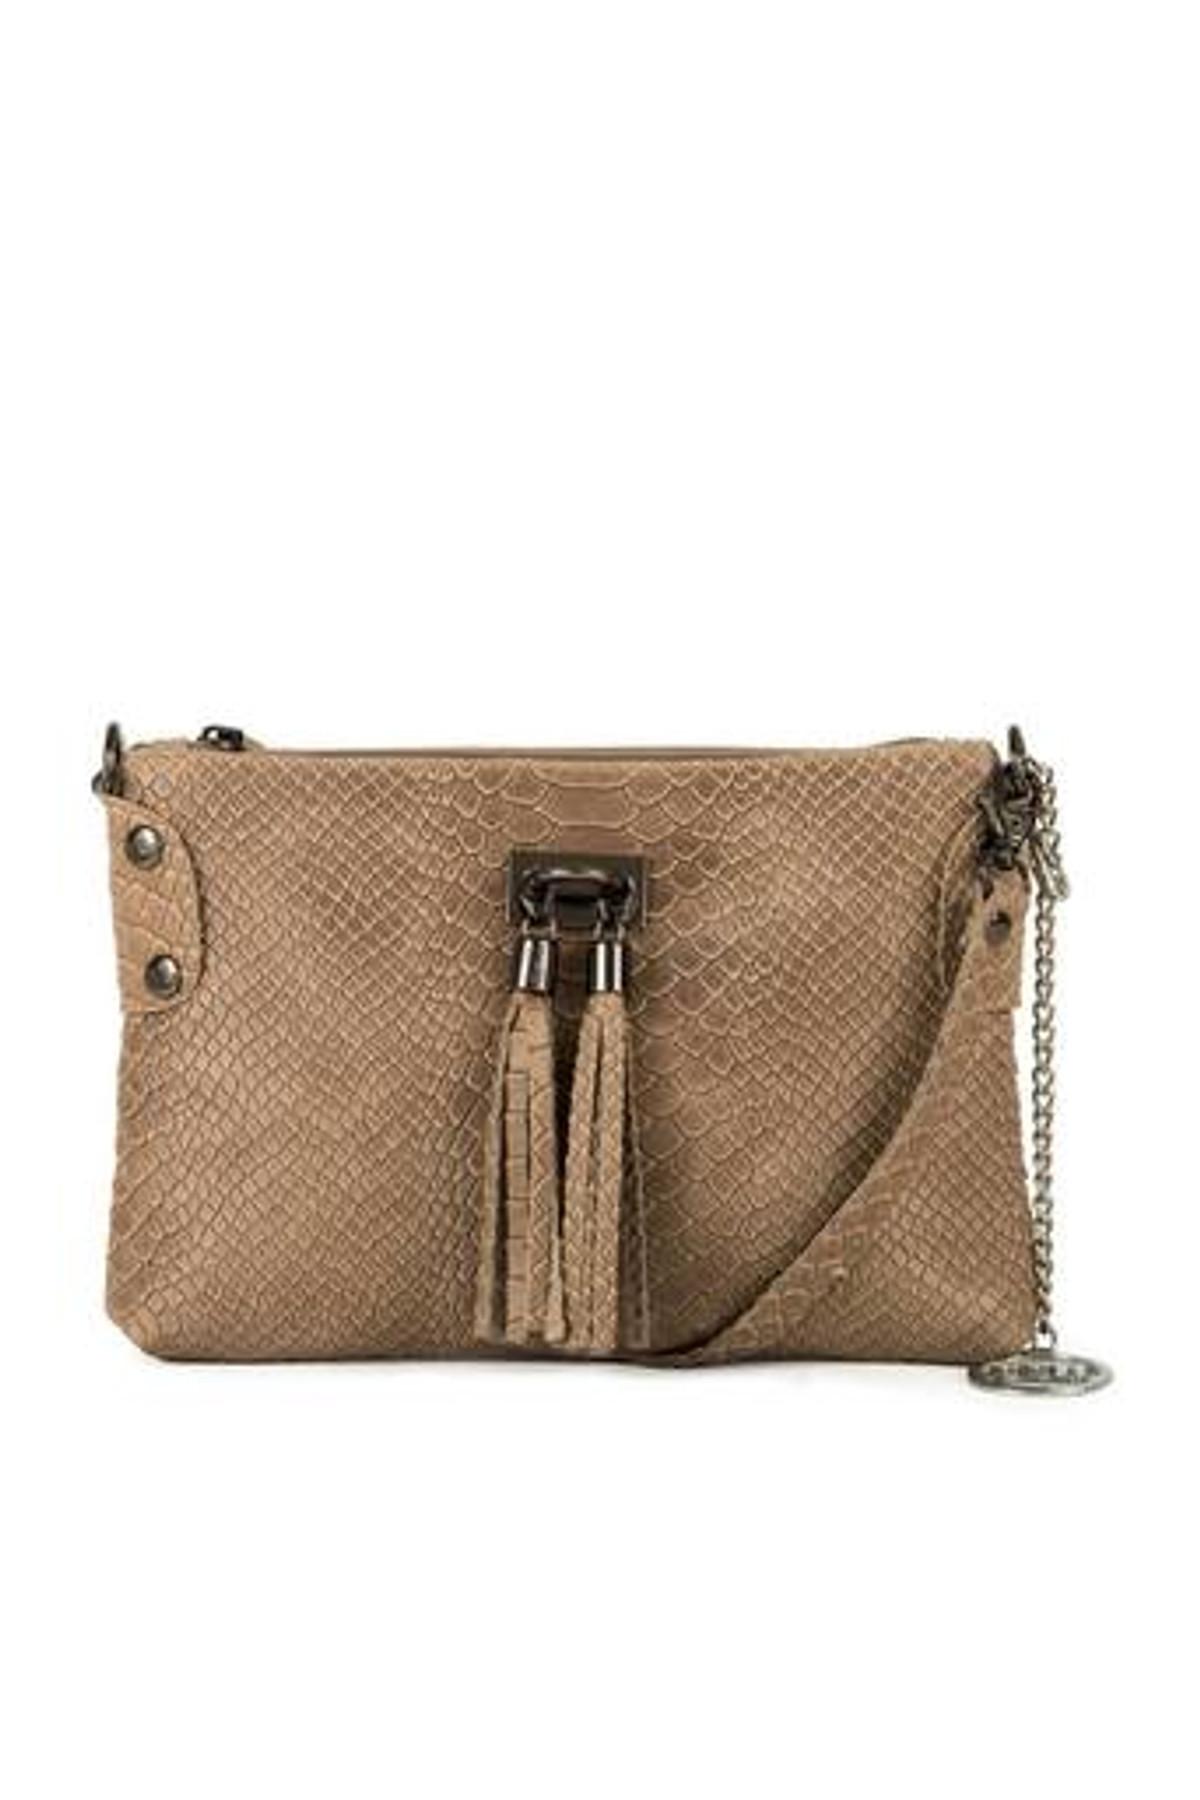 Mia Tomazzi Italian Made Leather Bag WB133373